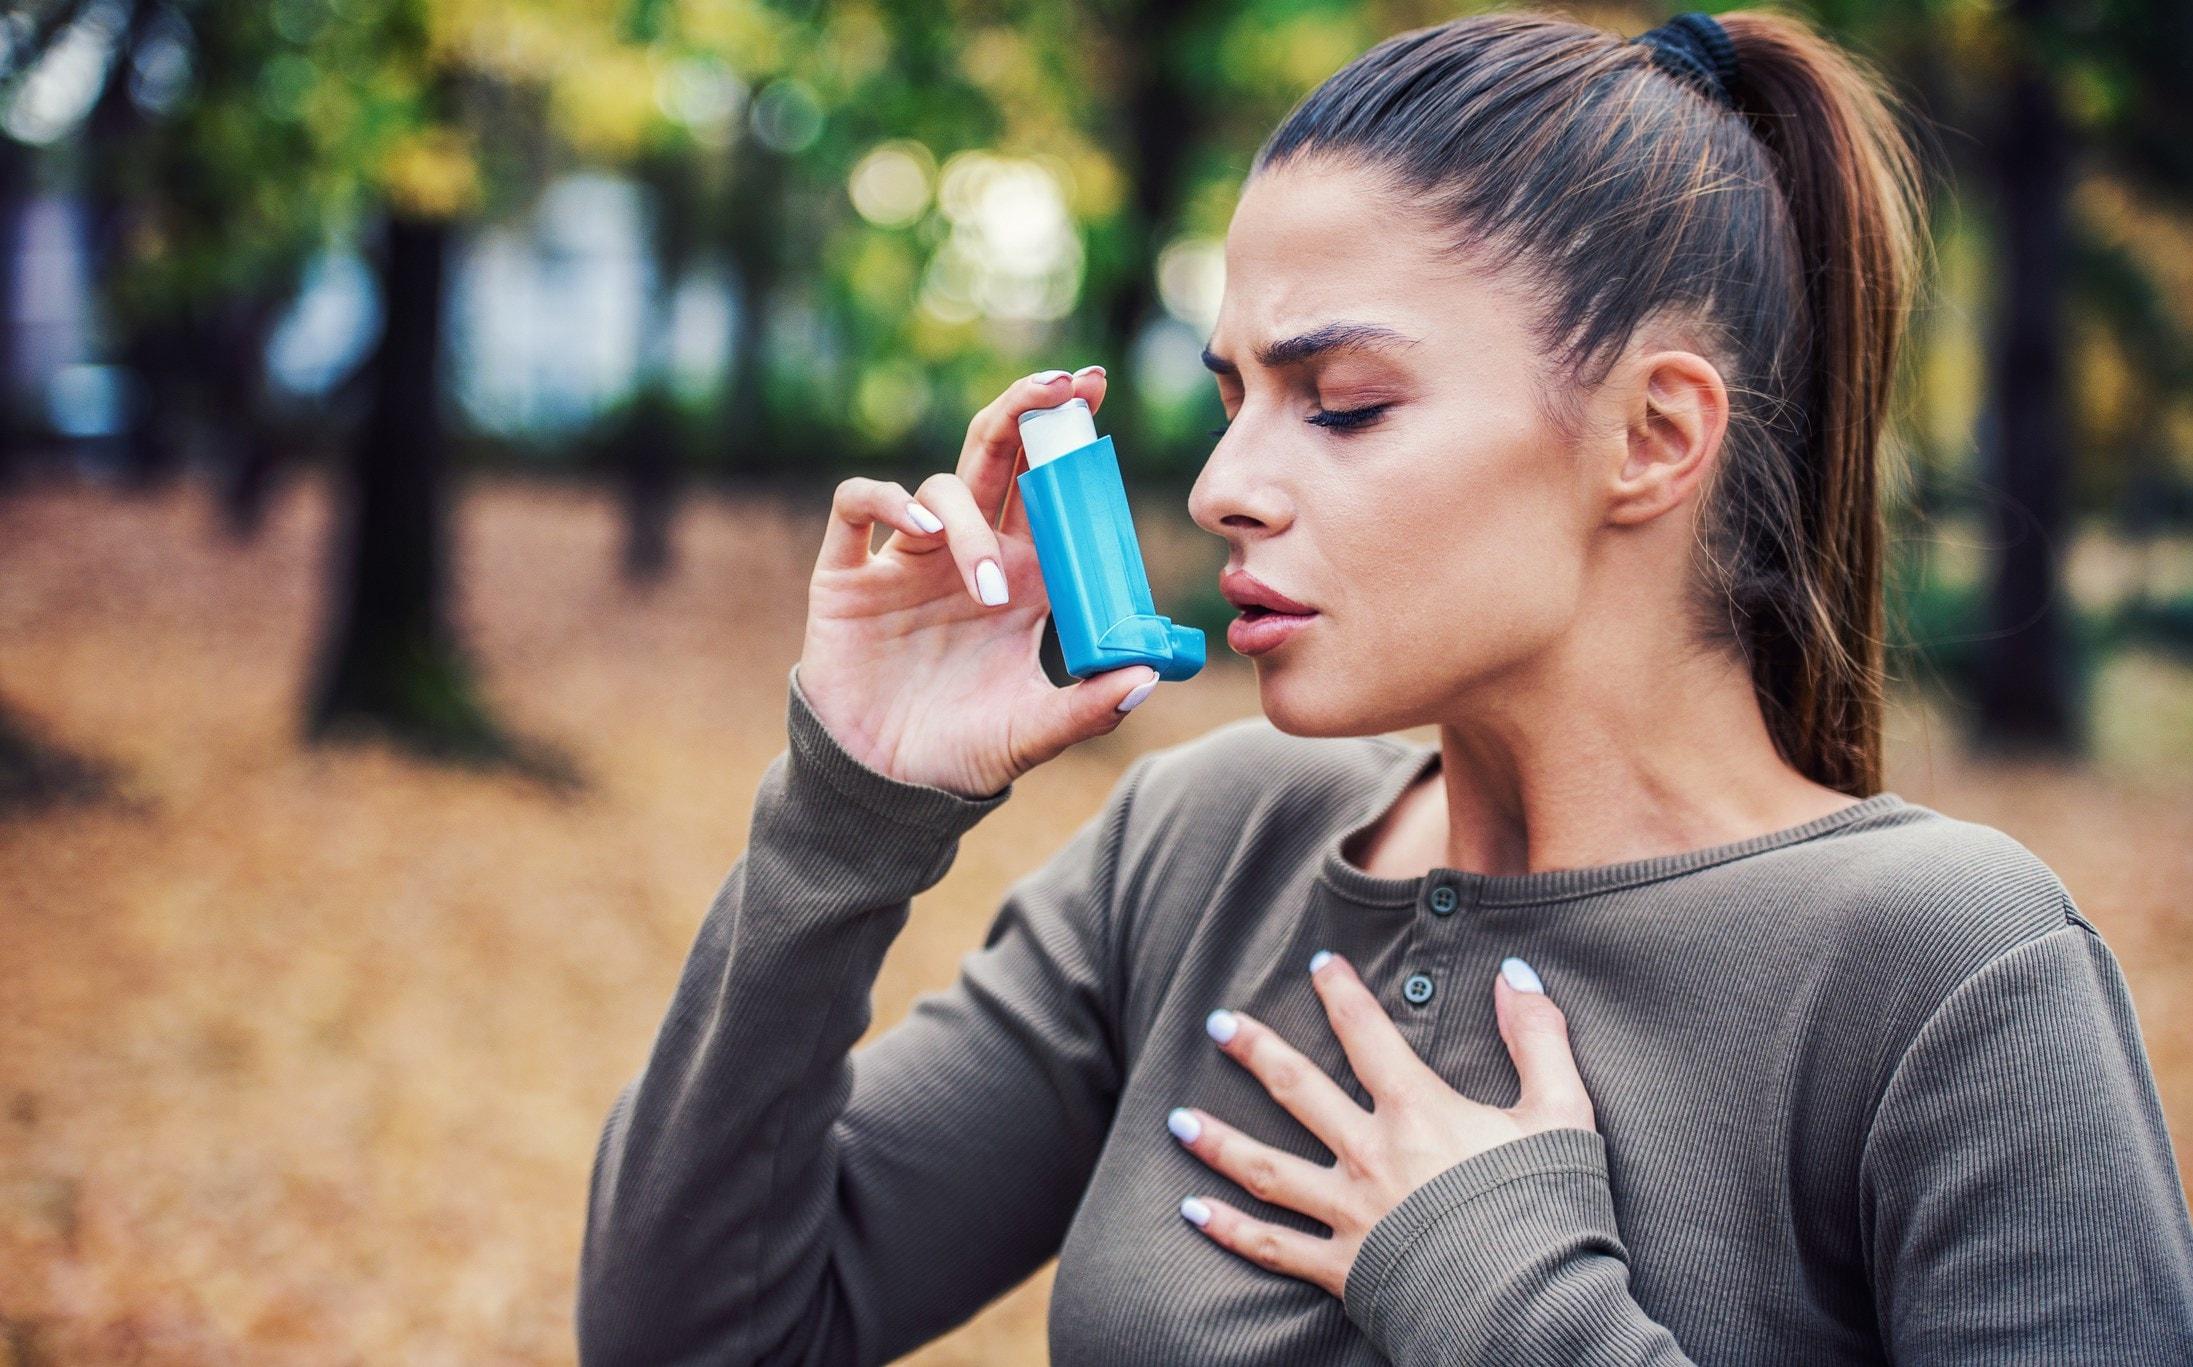 woman taking her inhaler